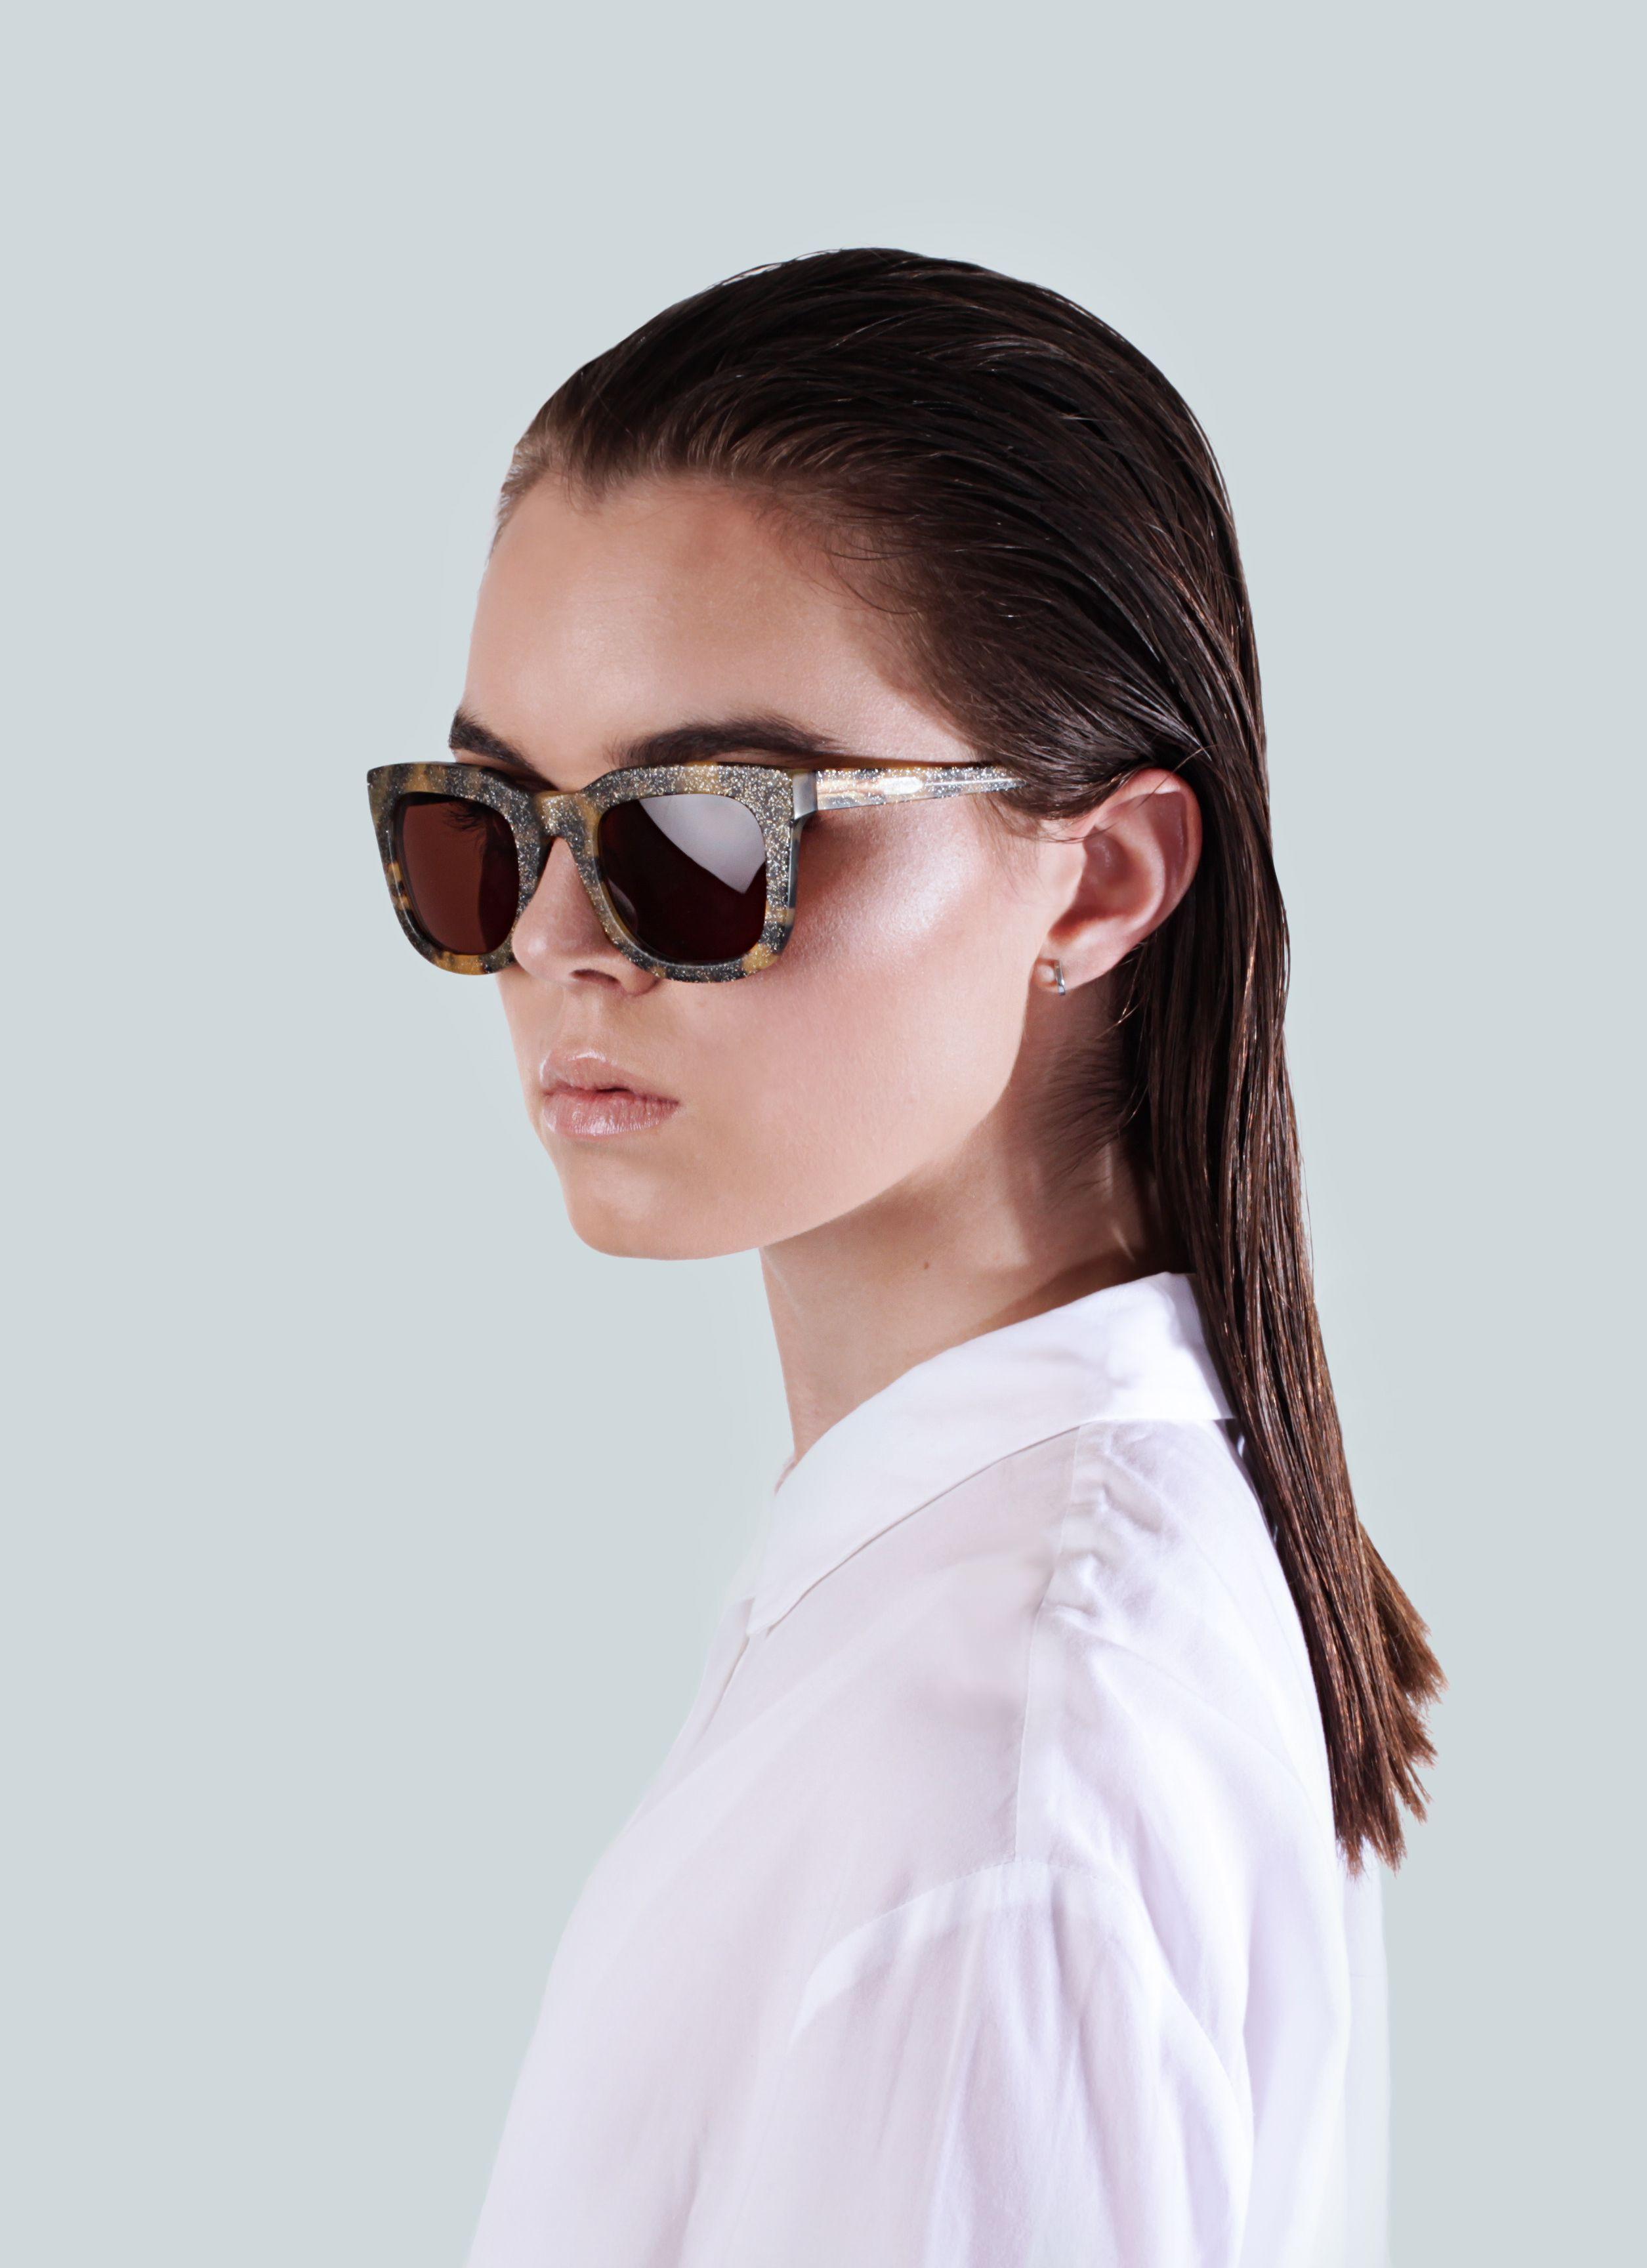 KAIBOSH | CHIPS & SALSA sunglasses in TURTLE BLITZ | Blitz